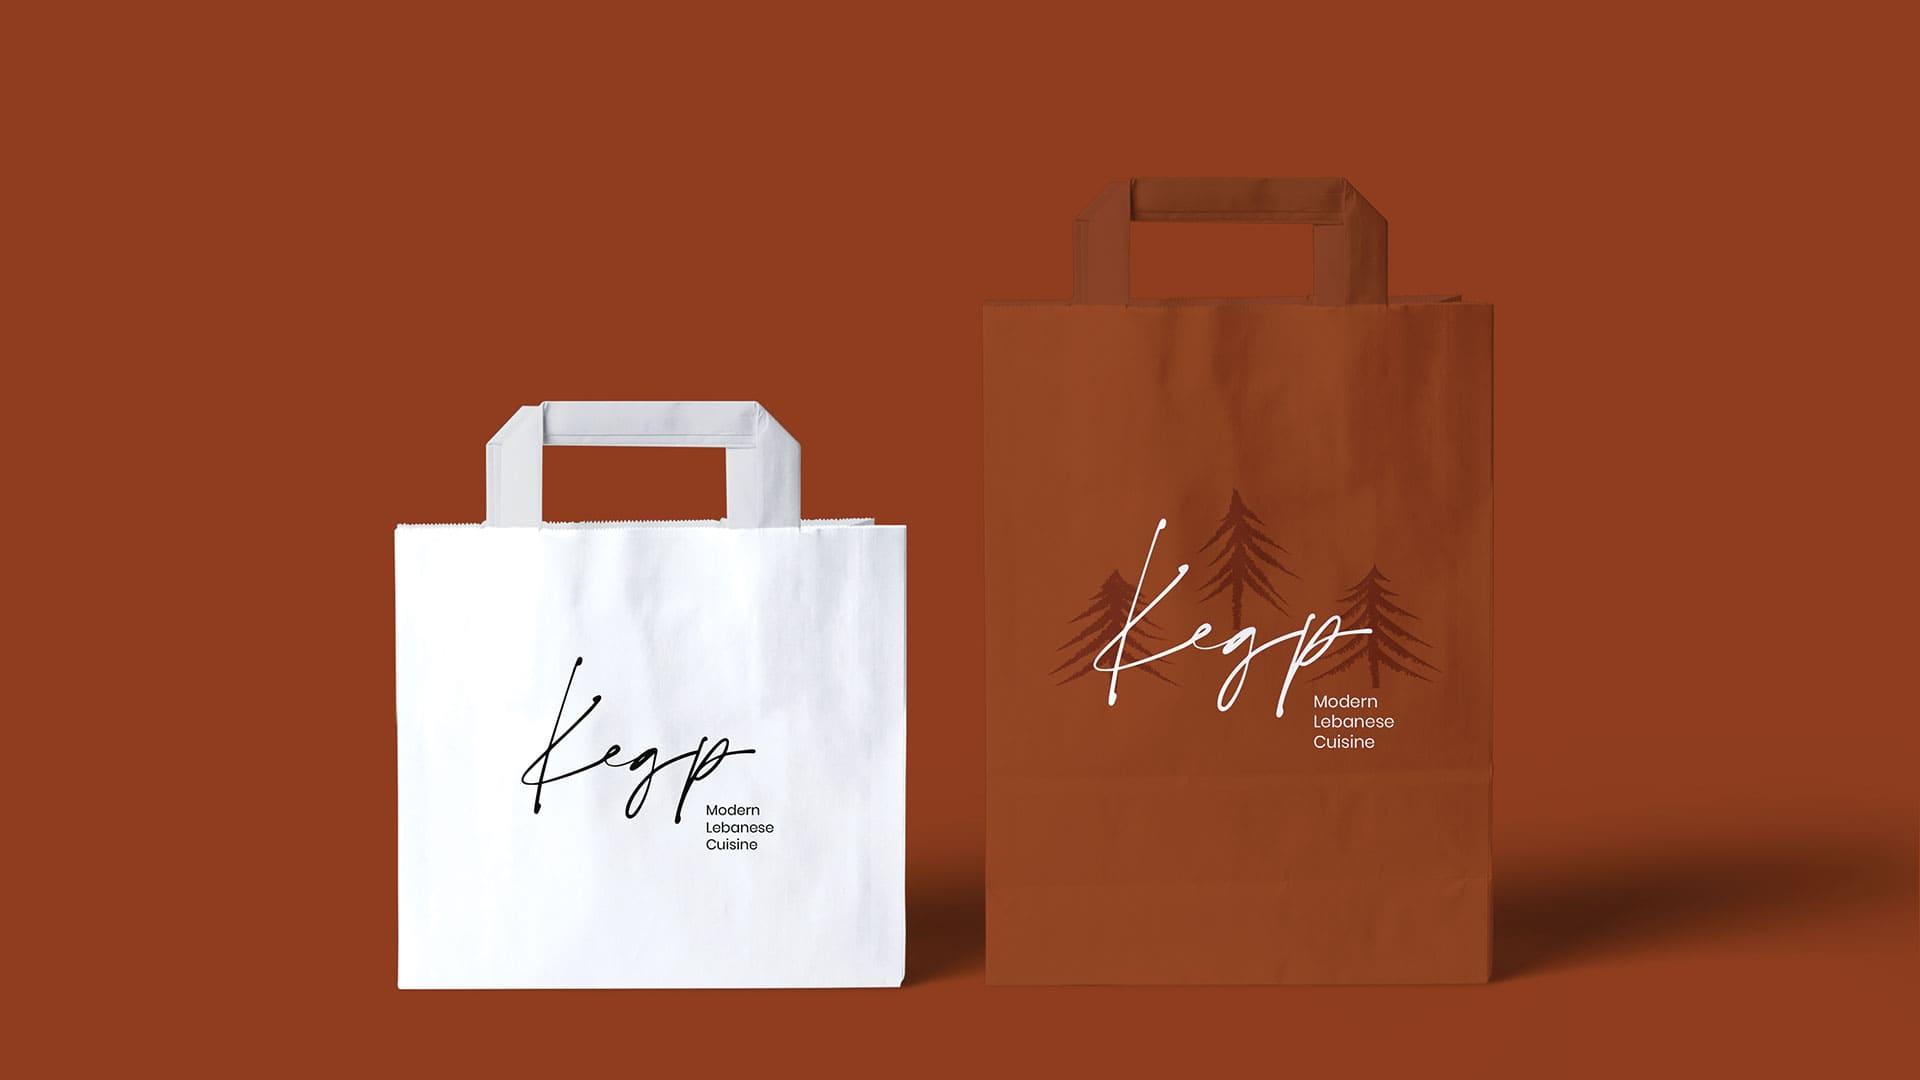 gra brand design kedr 12